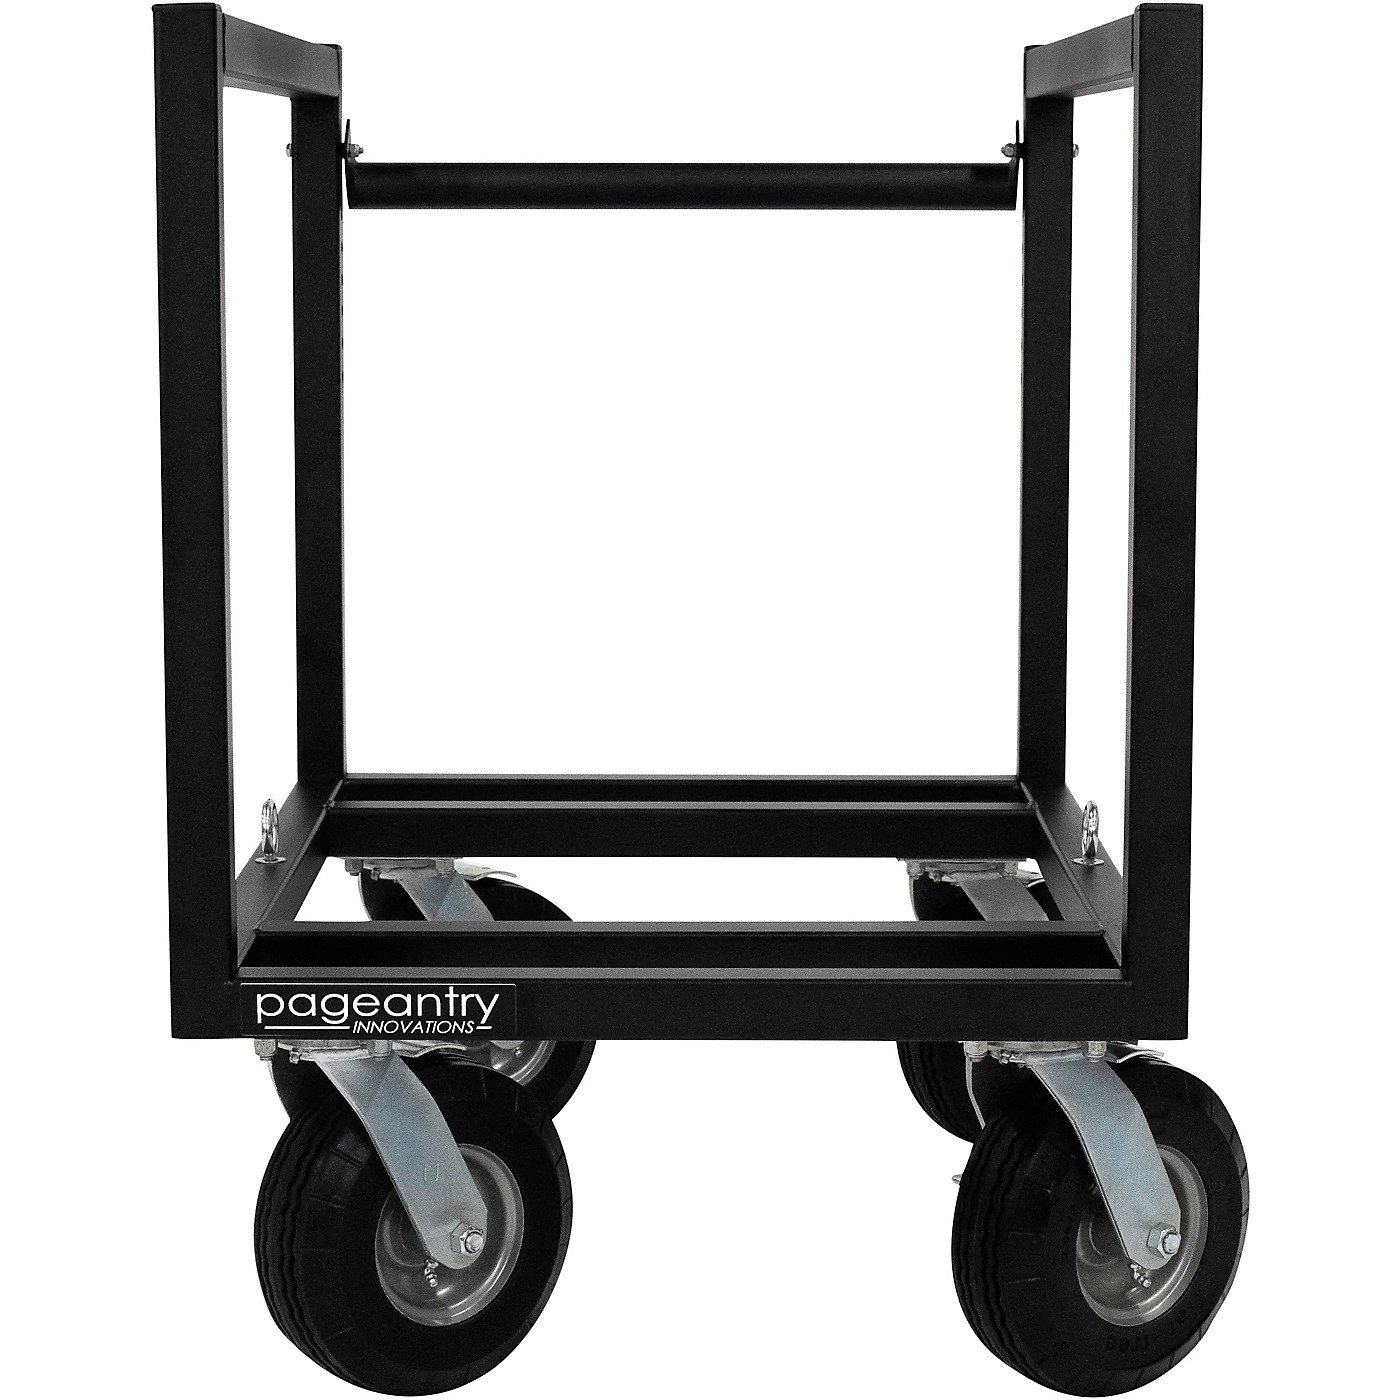 Pageantry Innovations Full Range Speaker Cart thumbnail